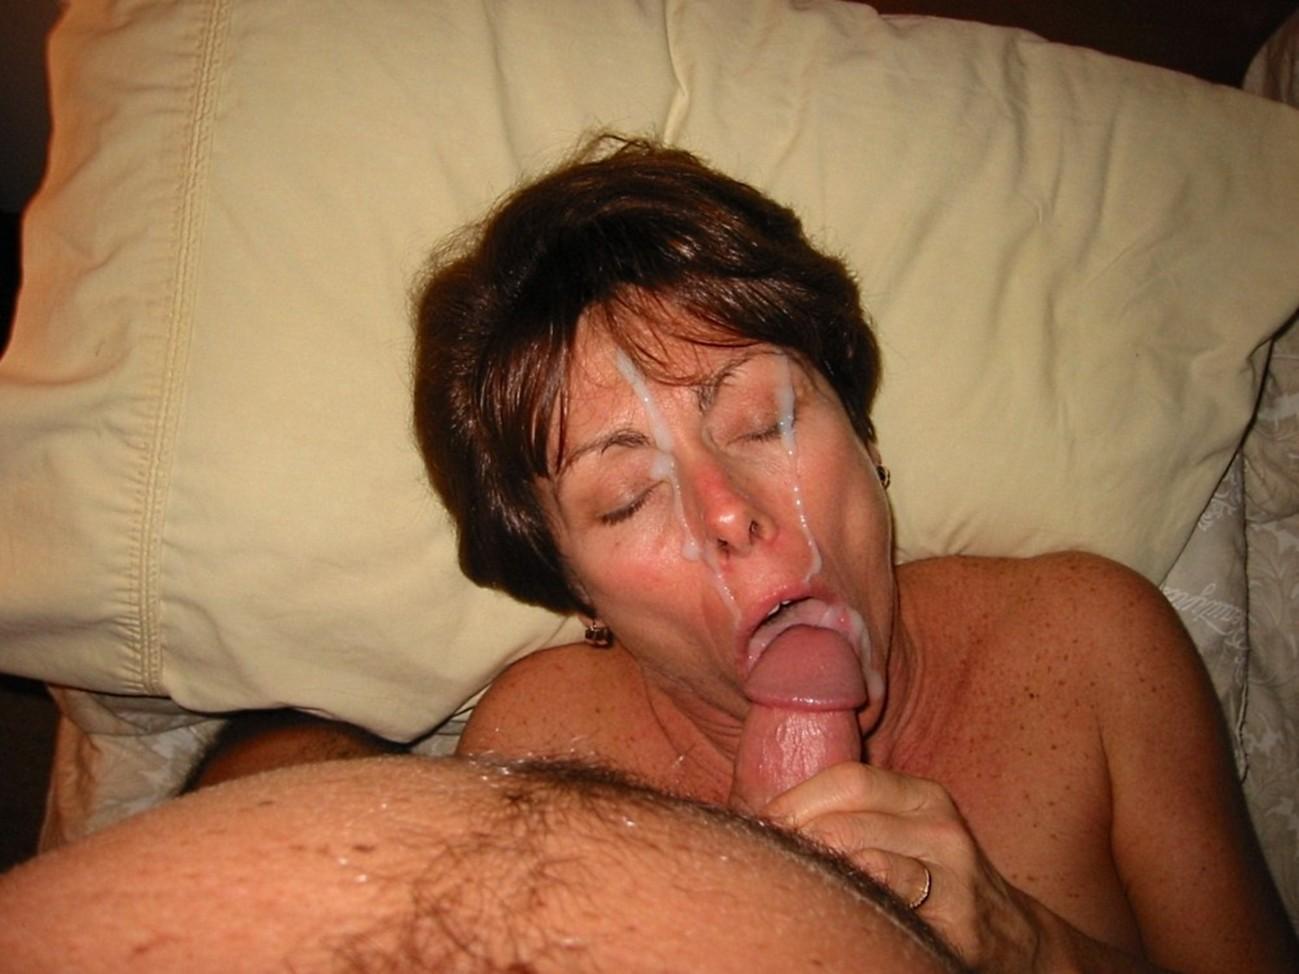 Уродливая баба сосет, Страшная телка сосет порно в очках 9 фотография